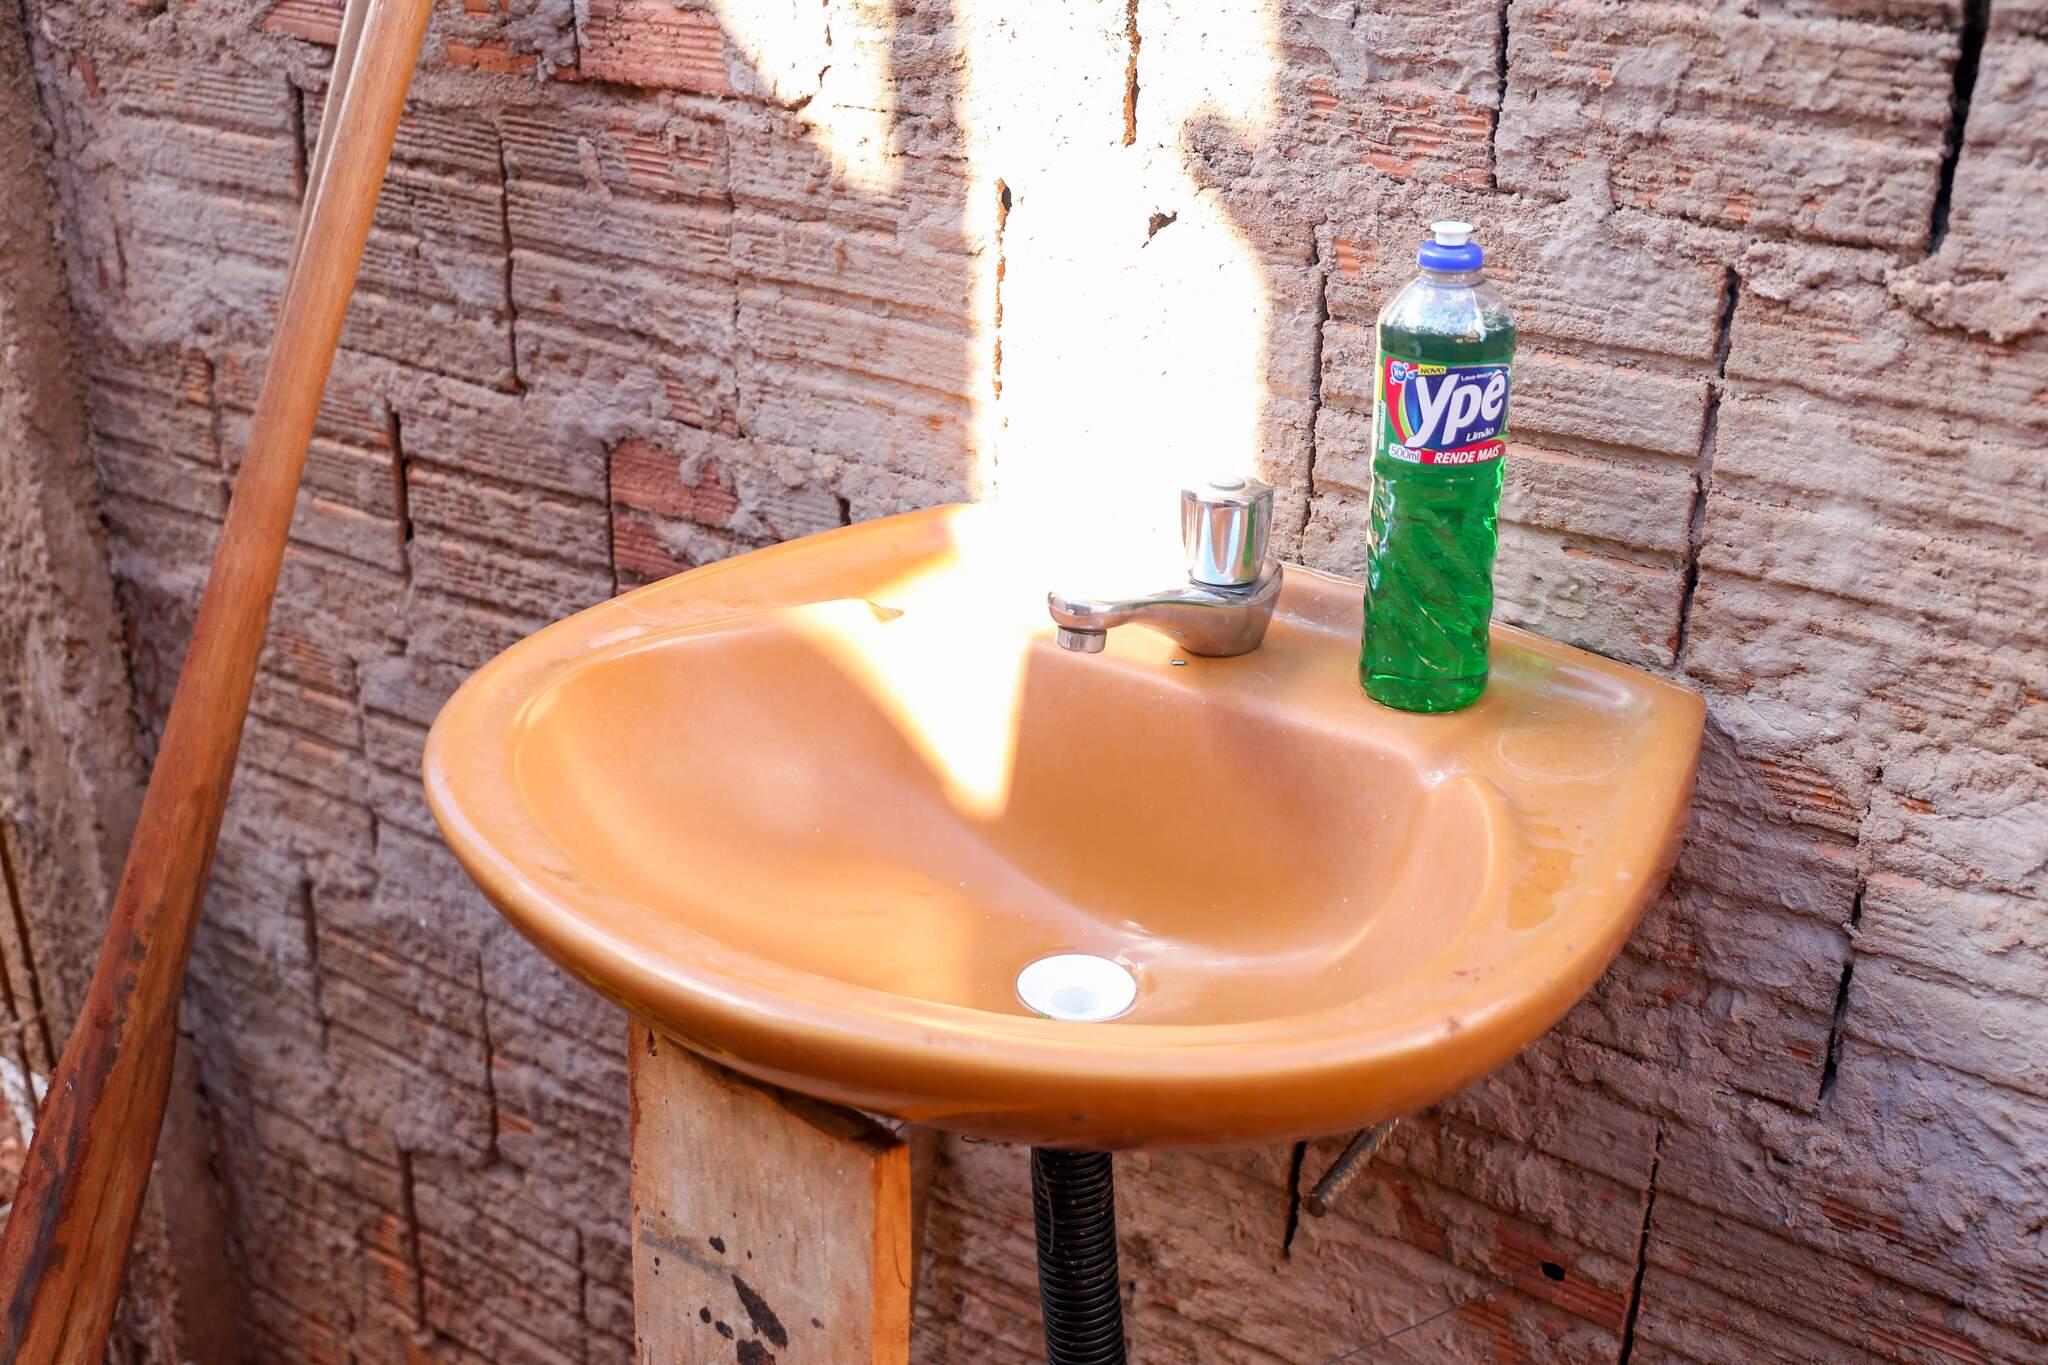 Conforme decreto da prefeitura, além de equipamentos de proteção individual é necessário que lavatórios sejam disponibilizados com água e sabão (Foto: Paulo Francis)